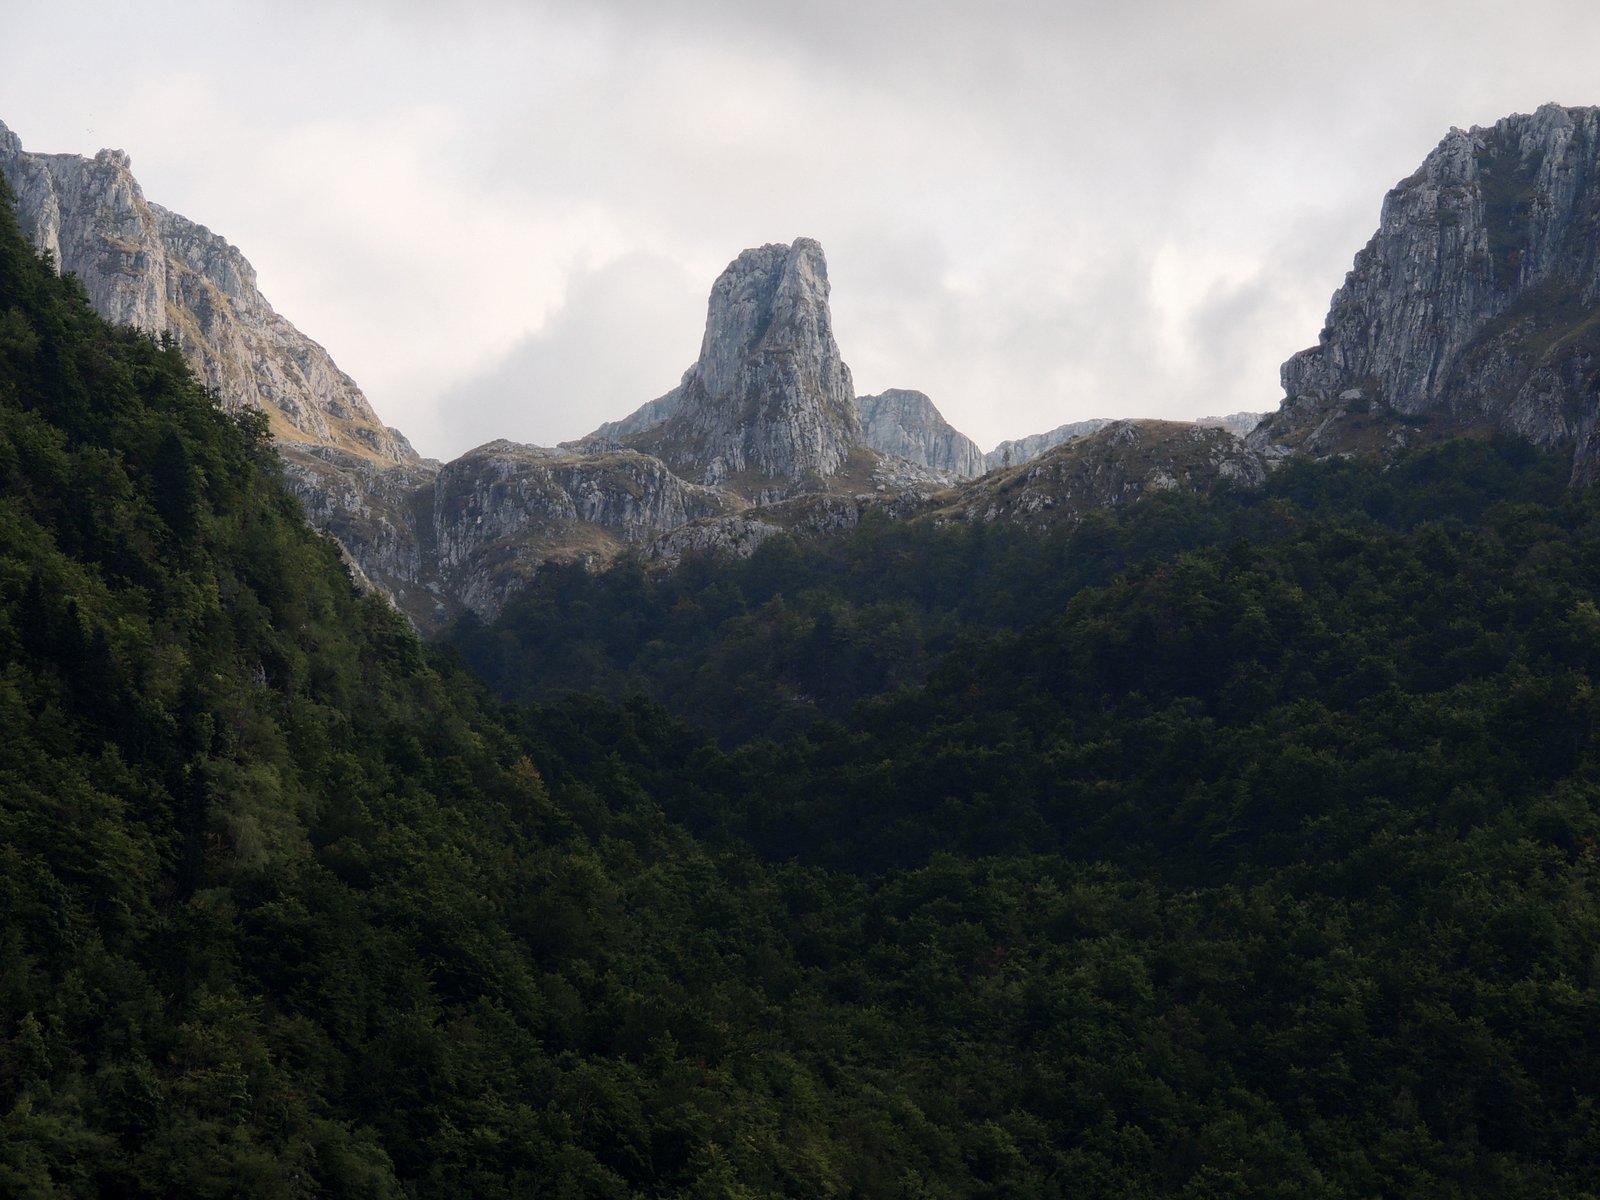 Grenzgebirge von Montenegro und Albanien - Prokletije Nationalpark